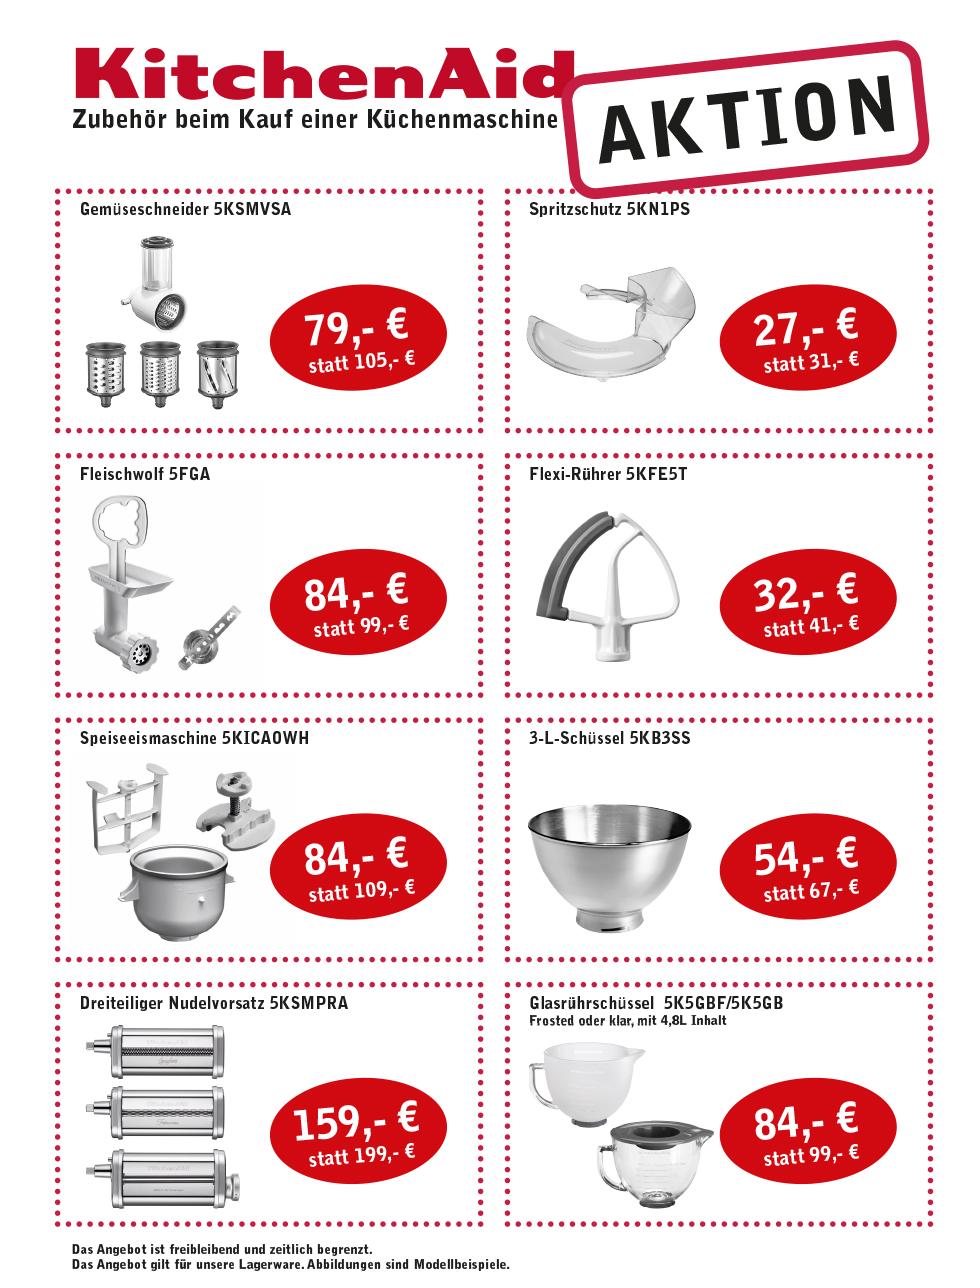 Zubehör Küchenmaschine